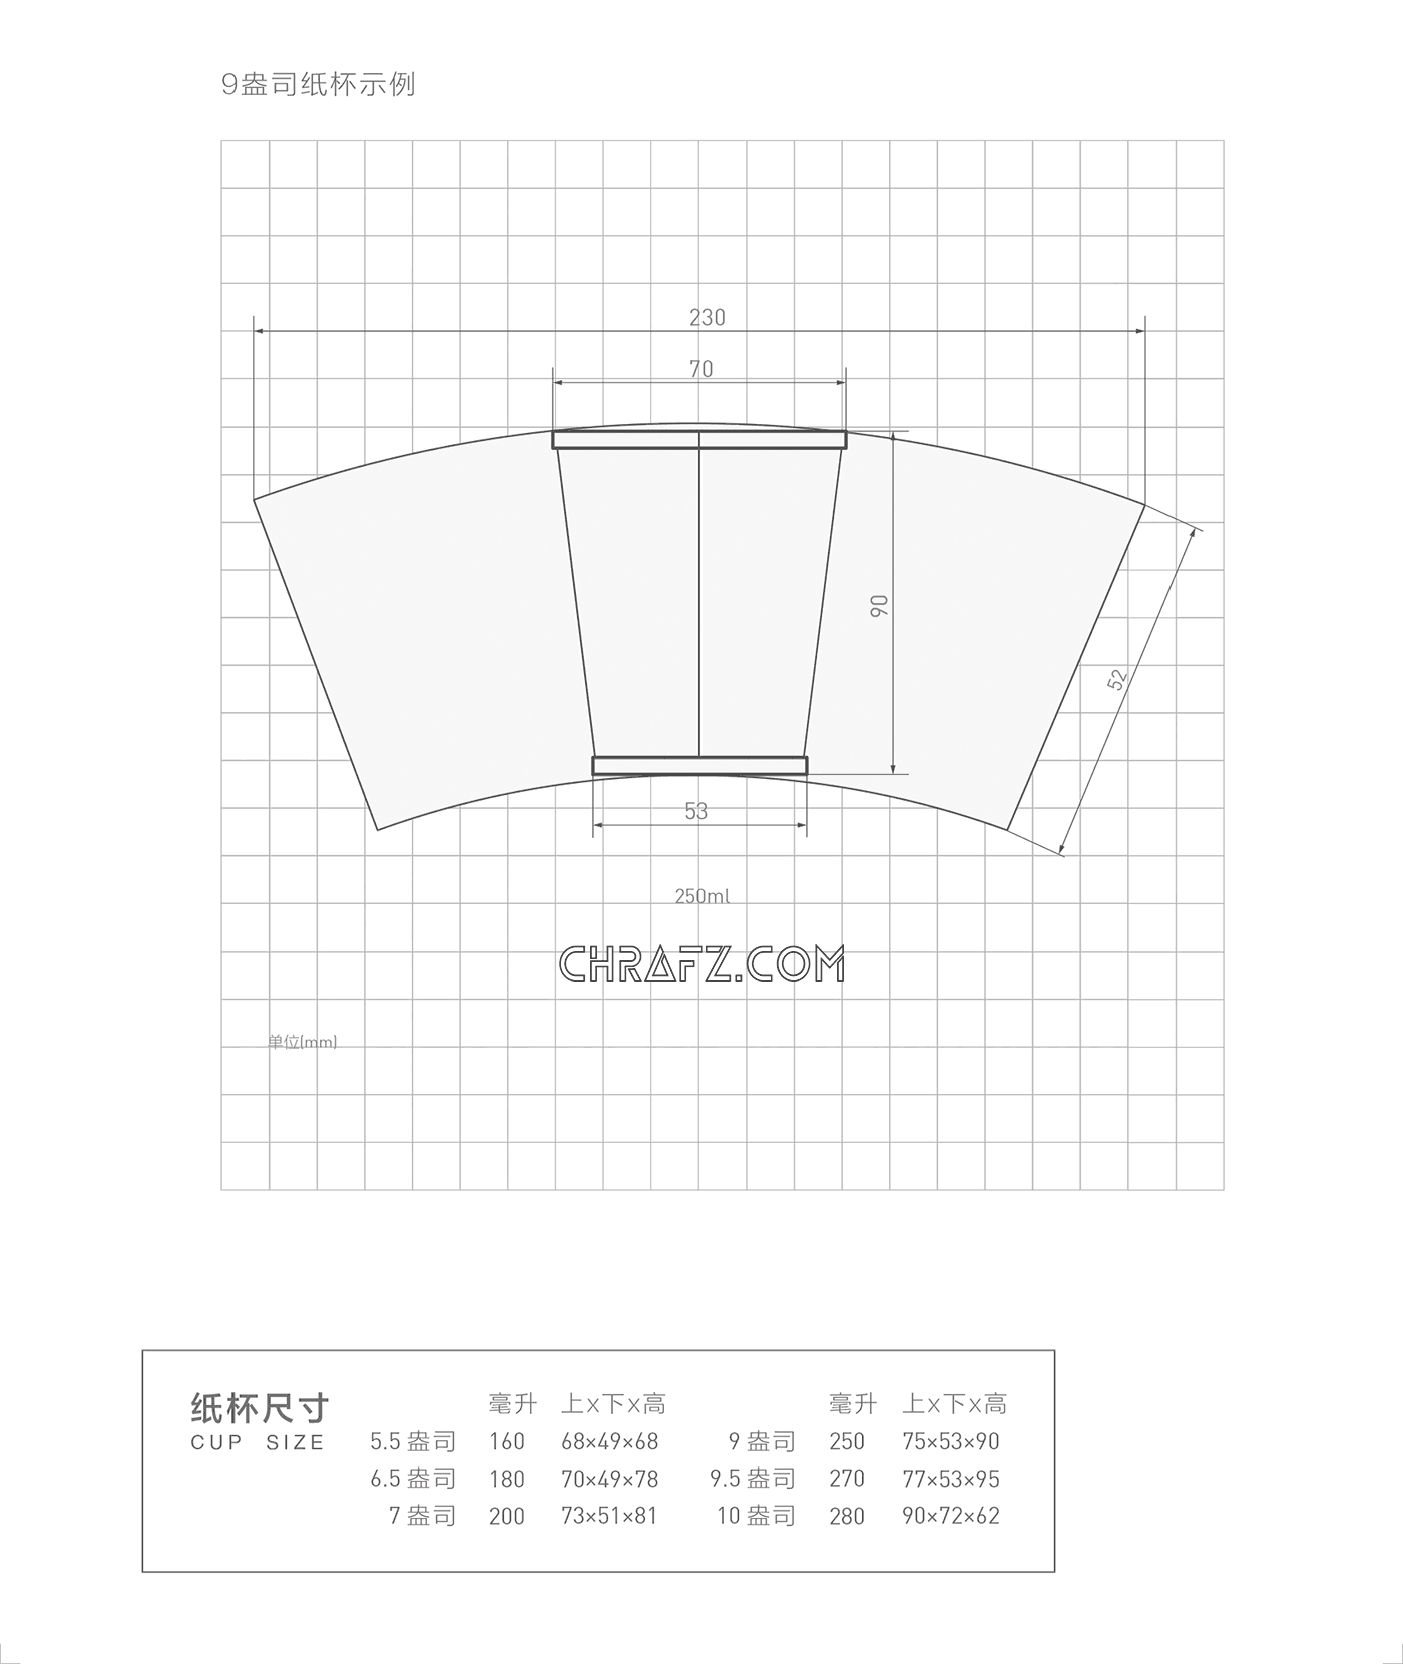 在设计中纸杯尺寸的规范-设计